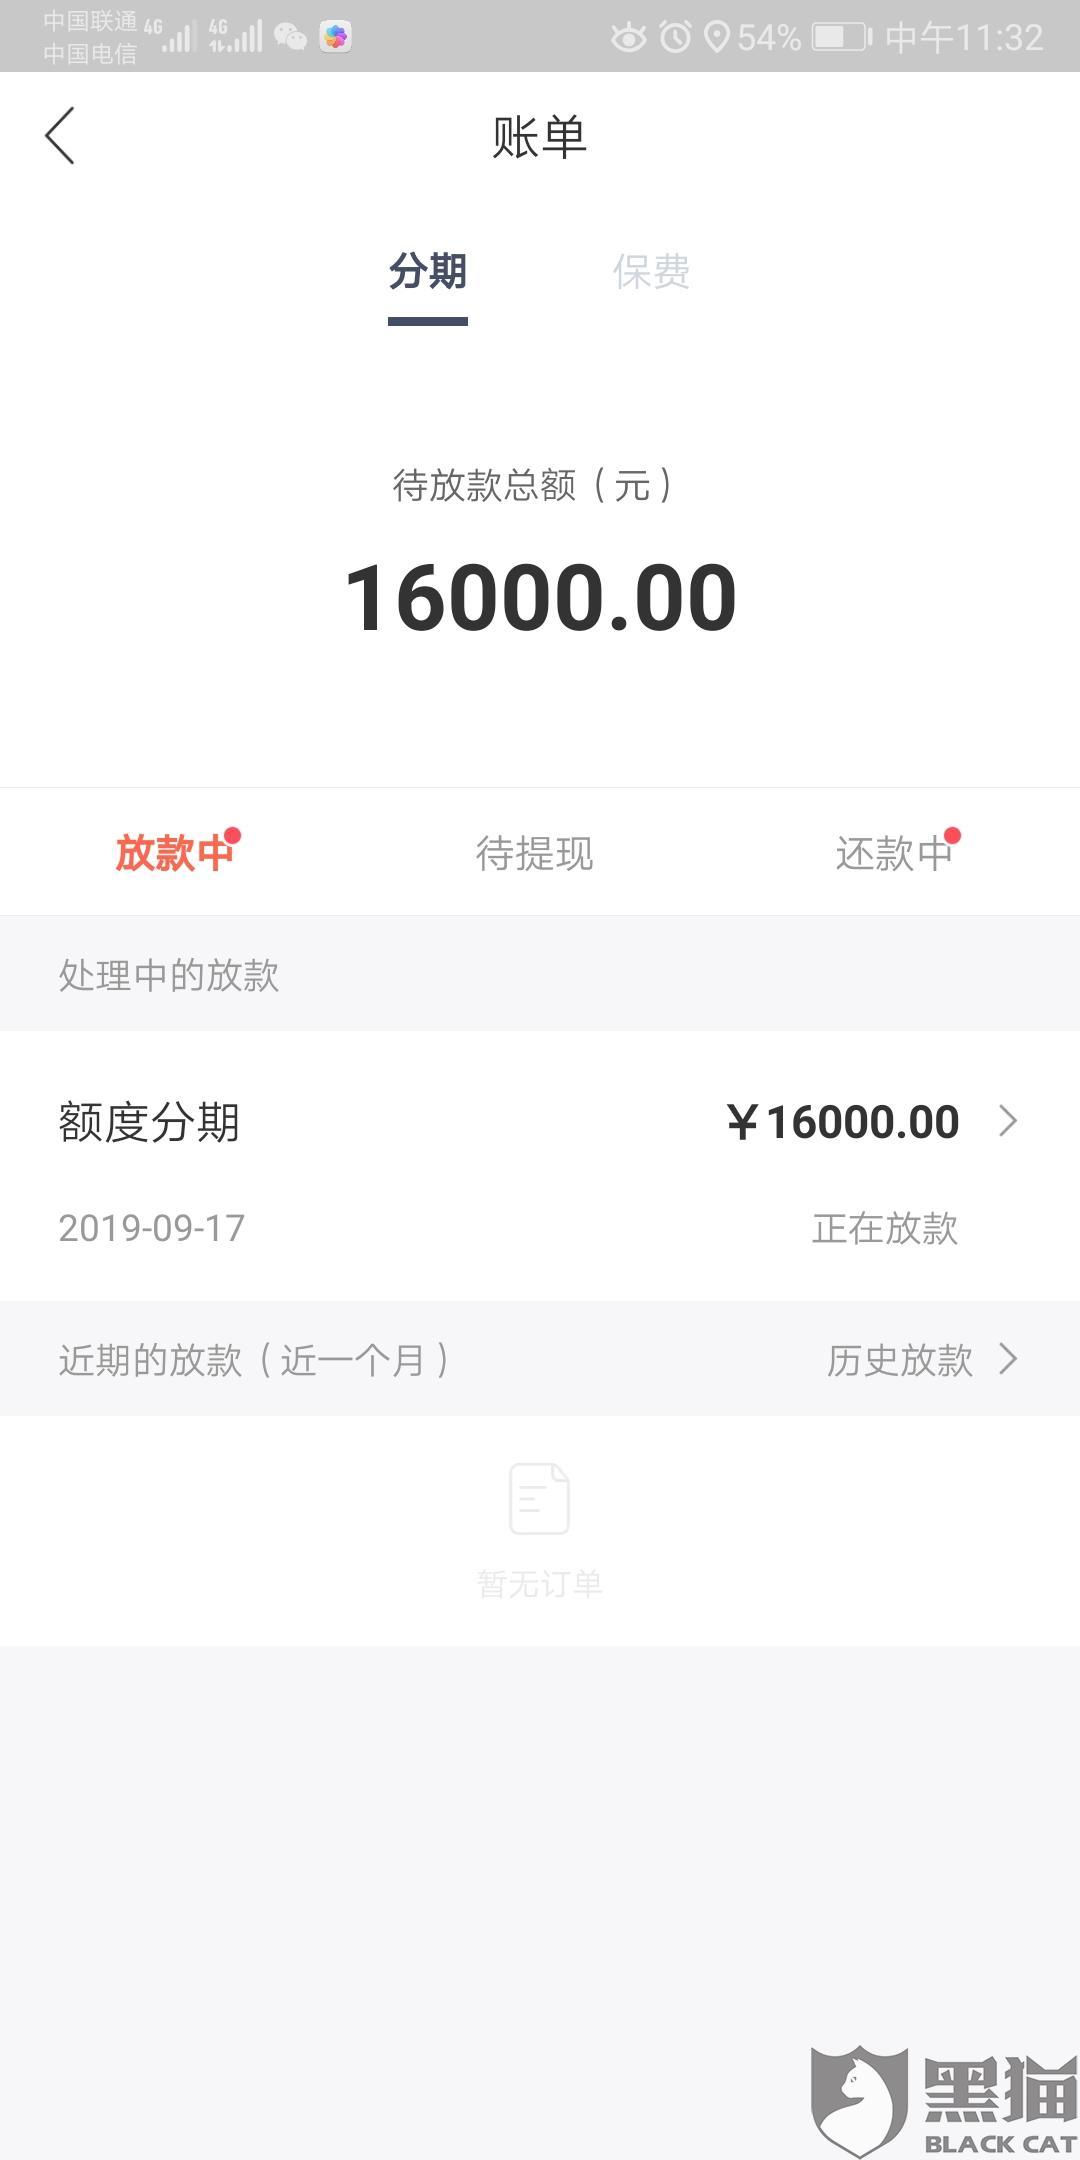 黑猫投诉:本人于2019.9.17在玖富万卡申请借16000。款没到账就已经出分期账单。